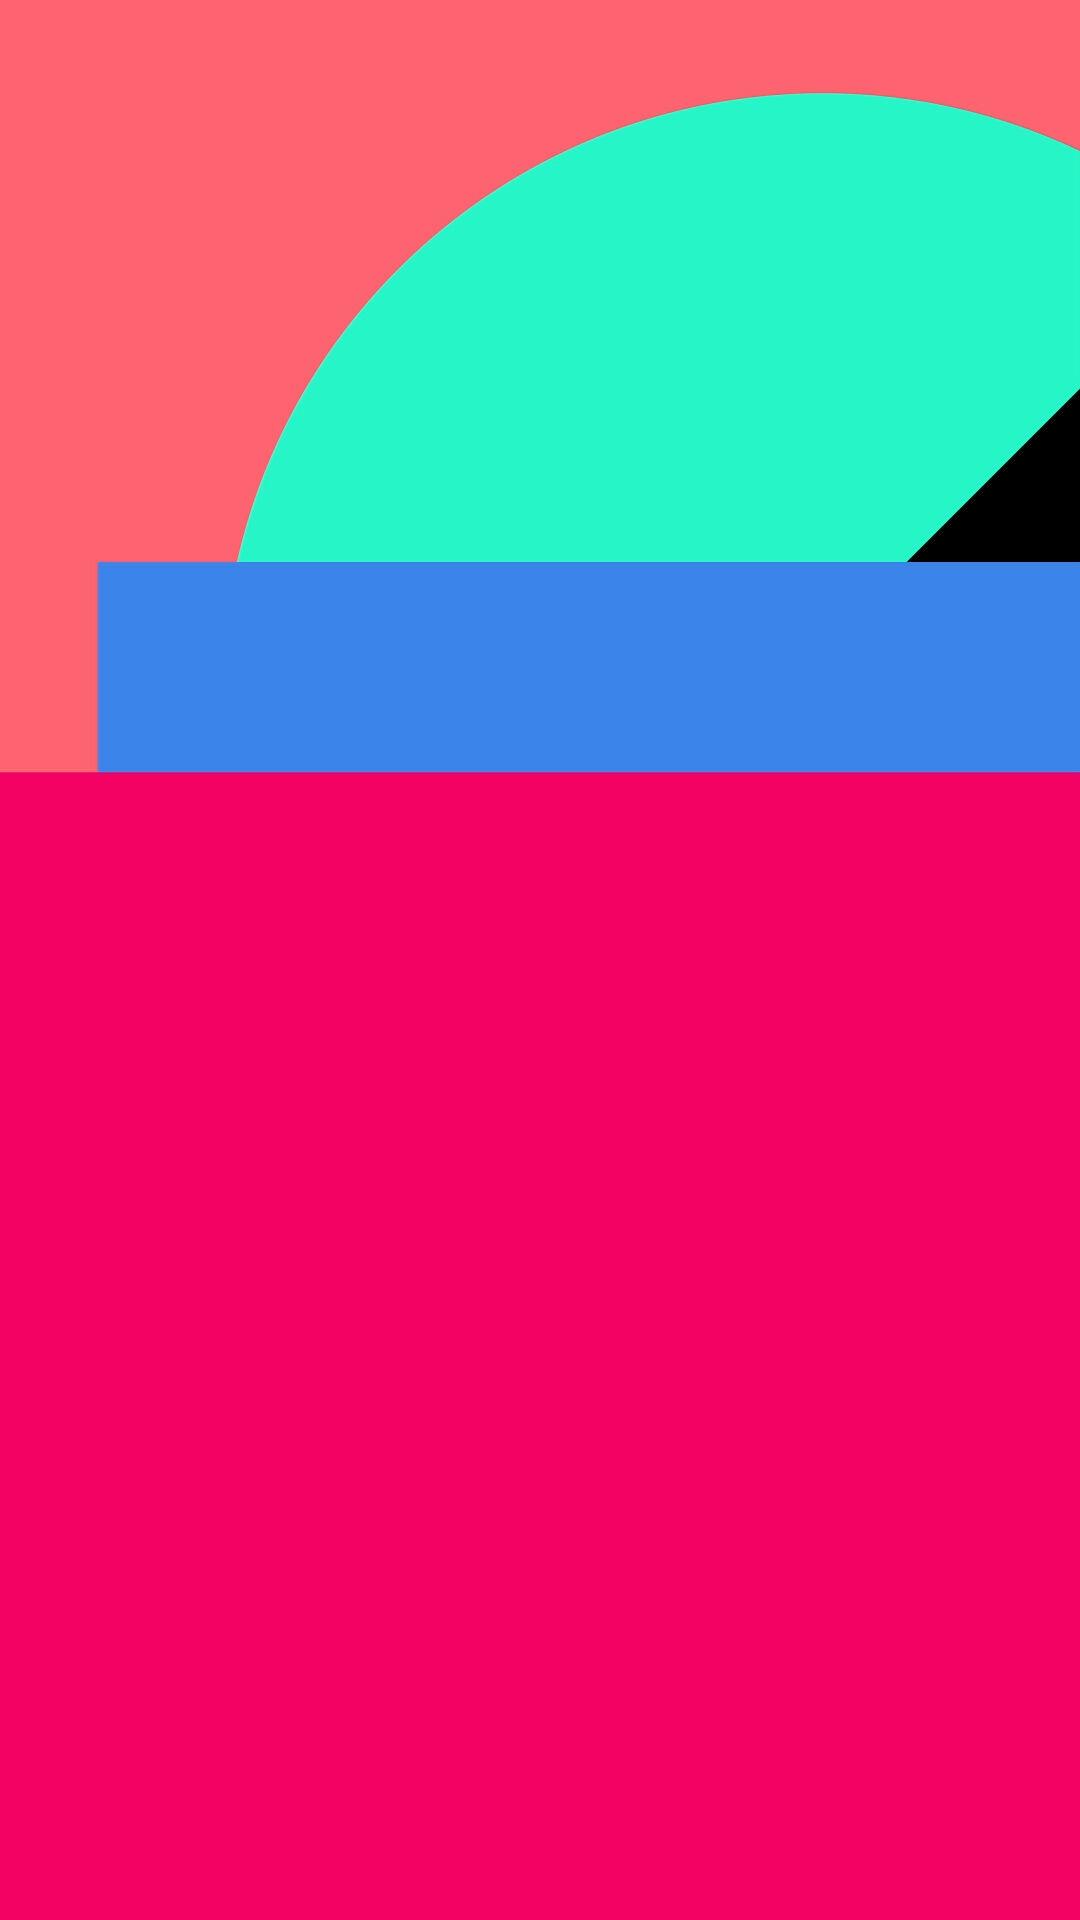 farbenfrohe Formen